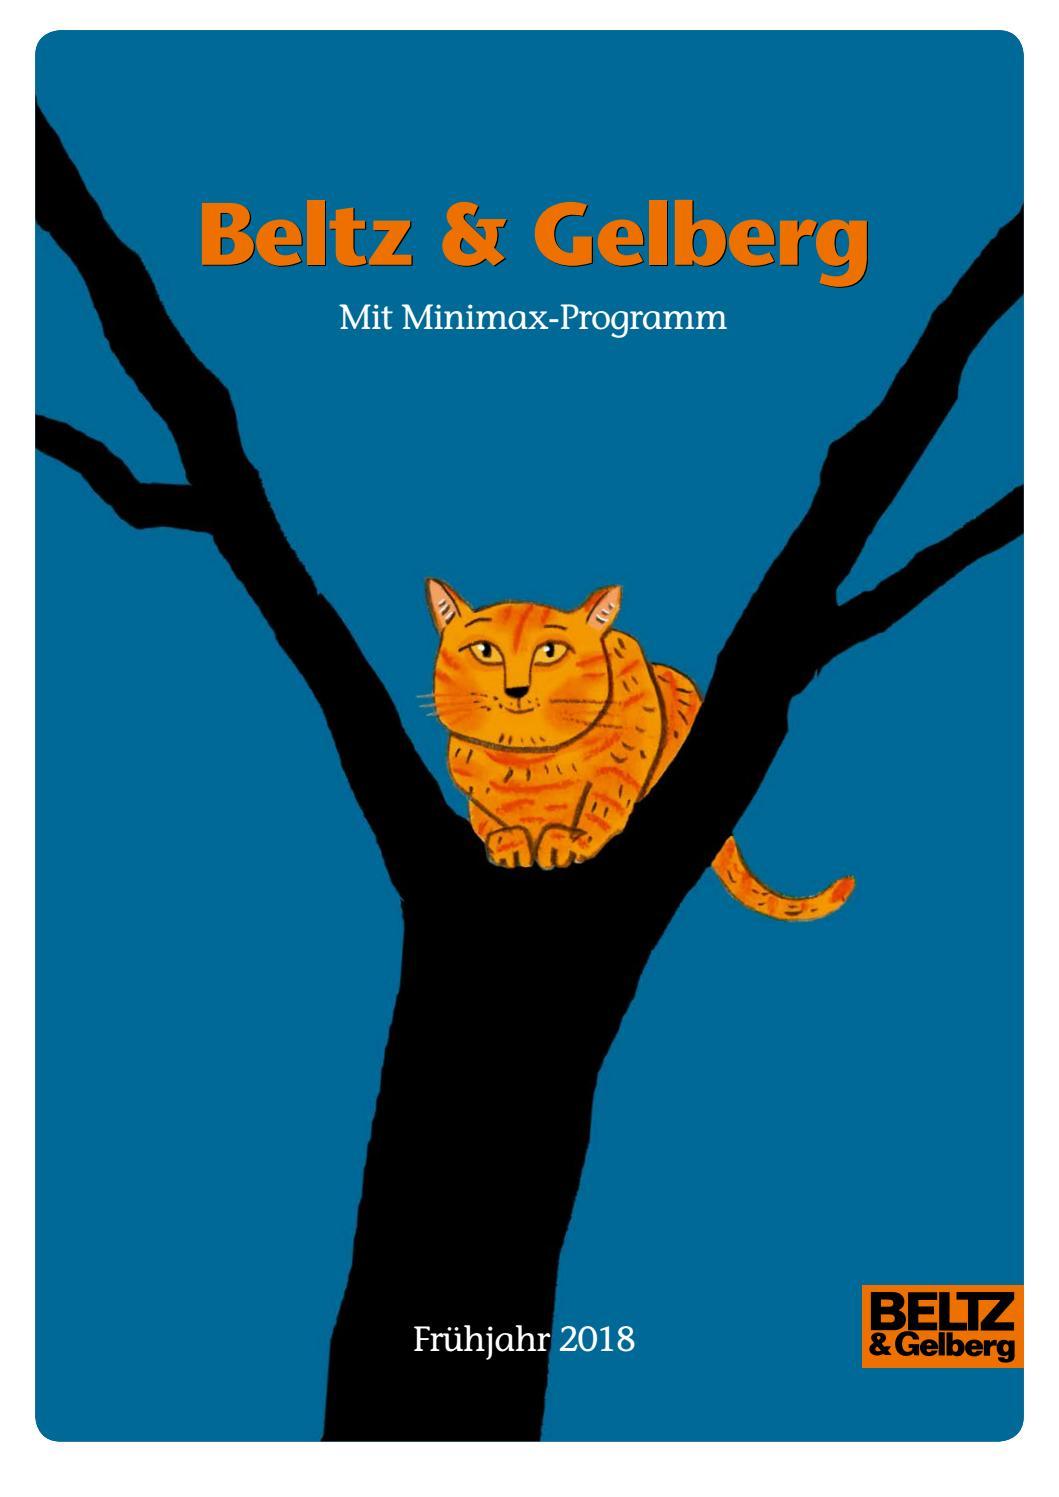 Beltz & Gelberg Vorschau Frühjahr 2018 by Verlagsgruppe Beltz - issuu